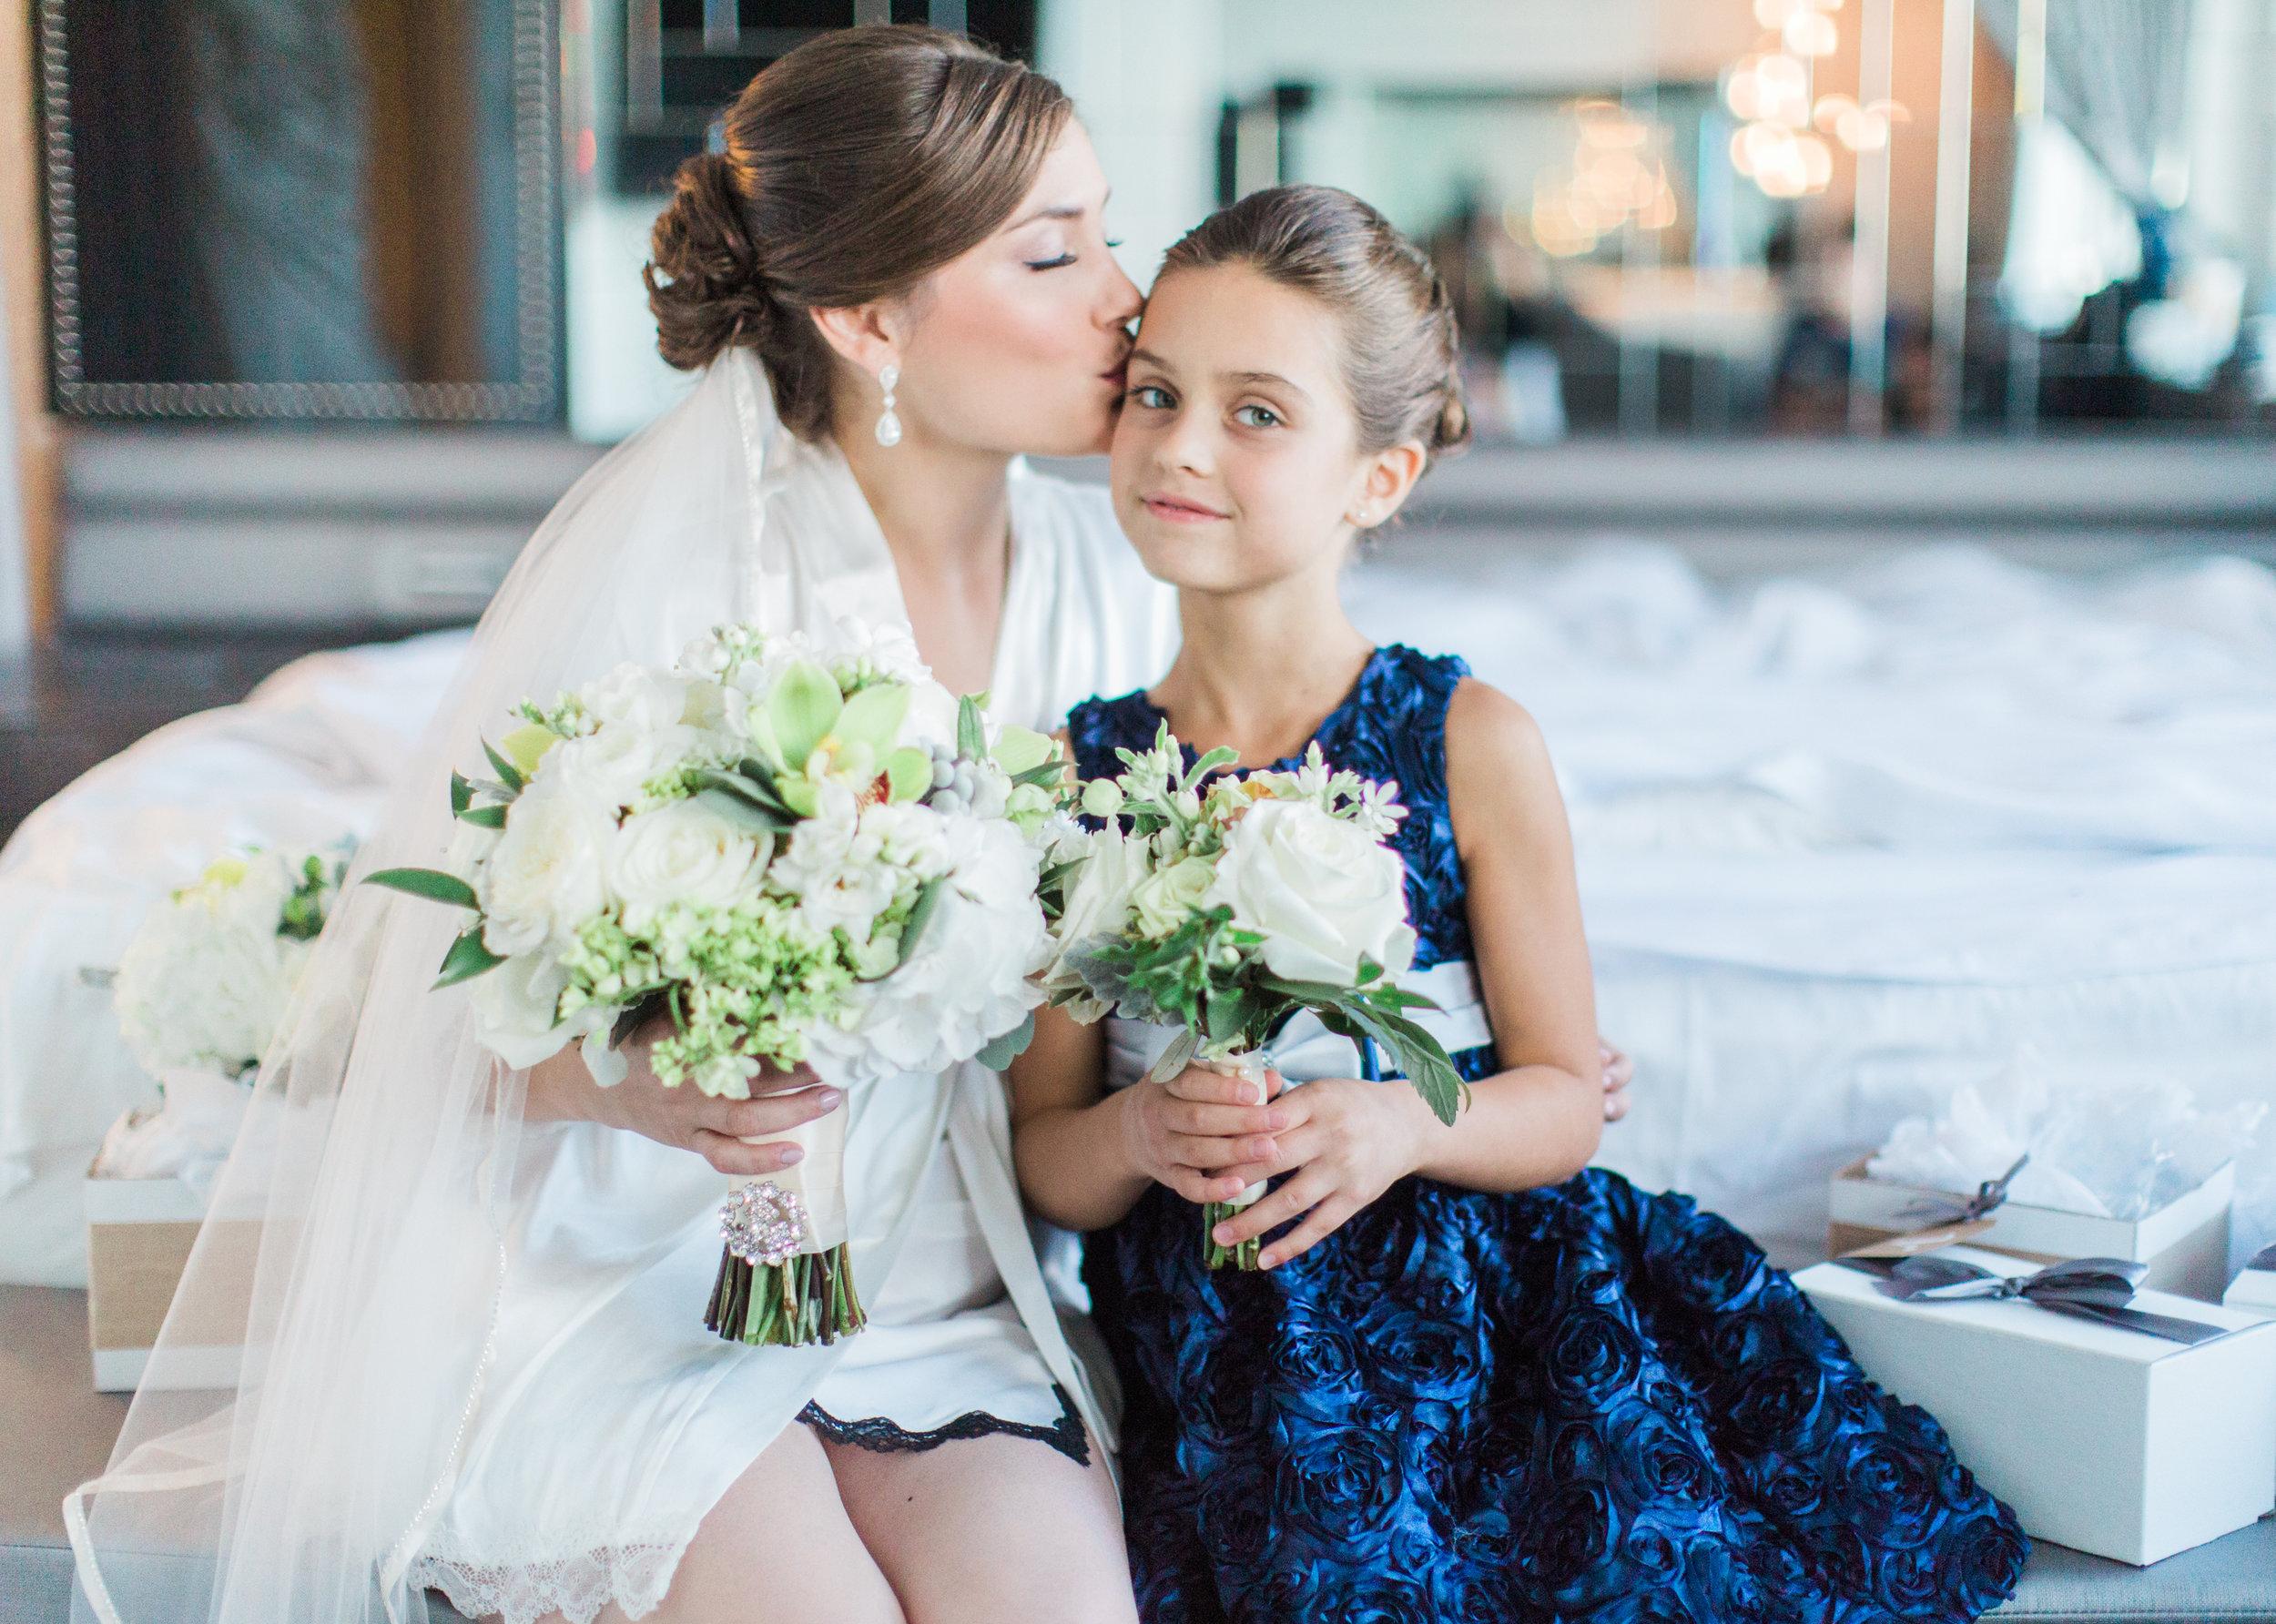 Bonphotage Chicago Wedding Photography - The W Hotel Lakeshore